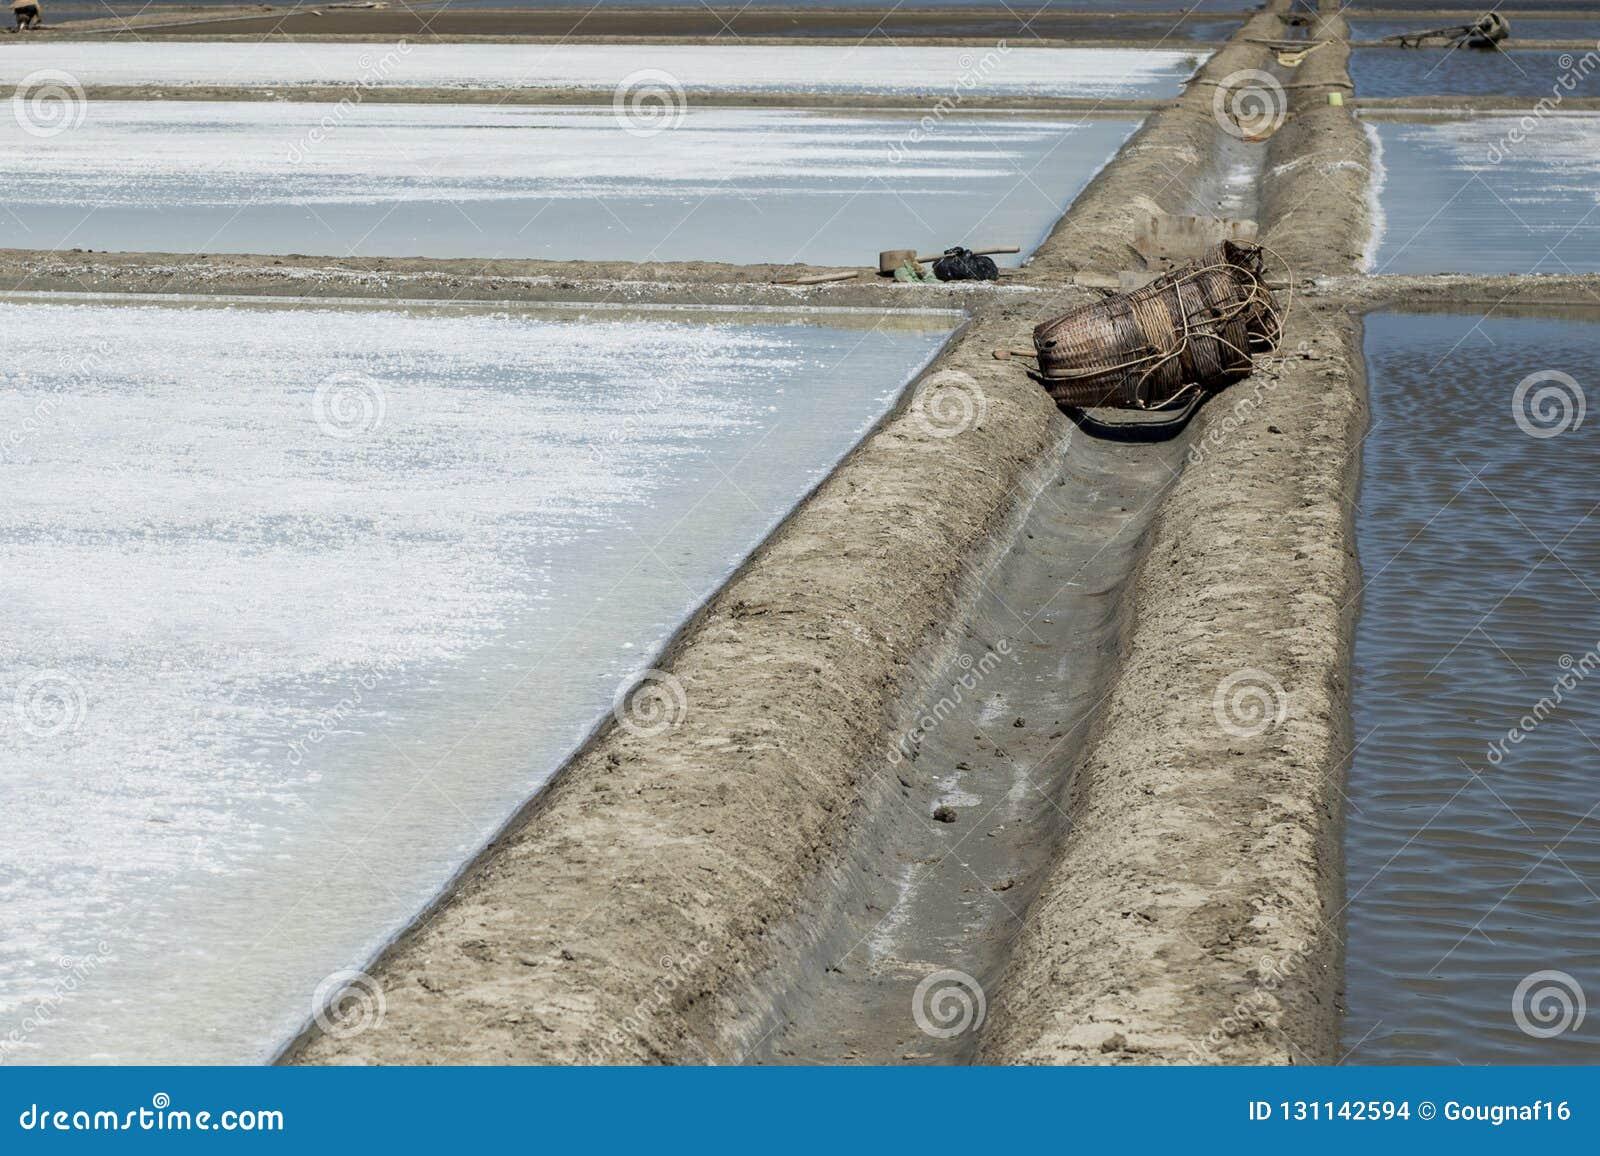 Herramientas y bolsos de mimbre tejidos dejados en los saladares vacíos por la tarde en Gio de la poder, Vietnam